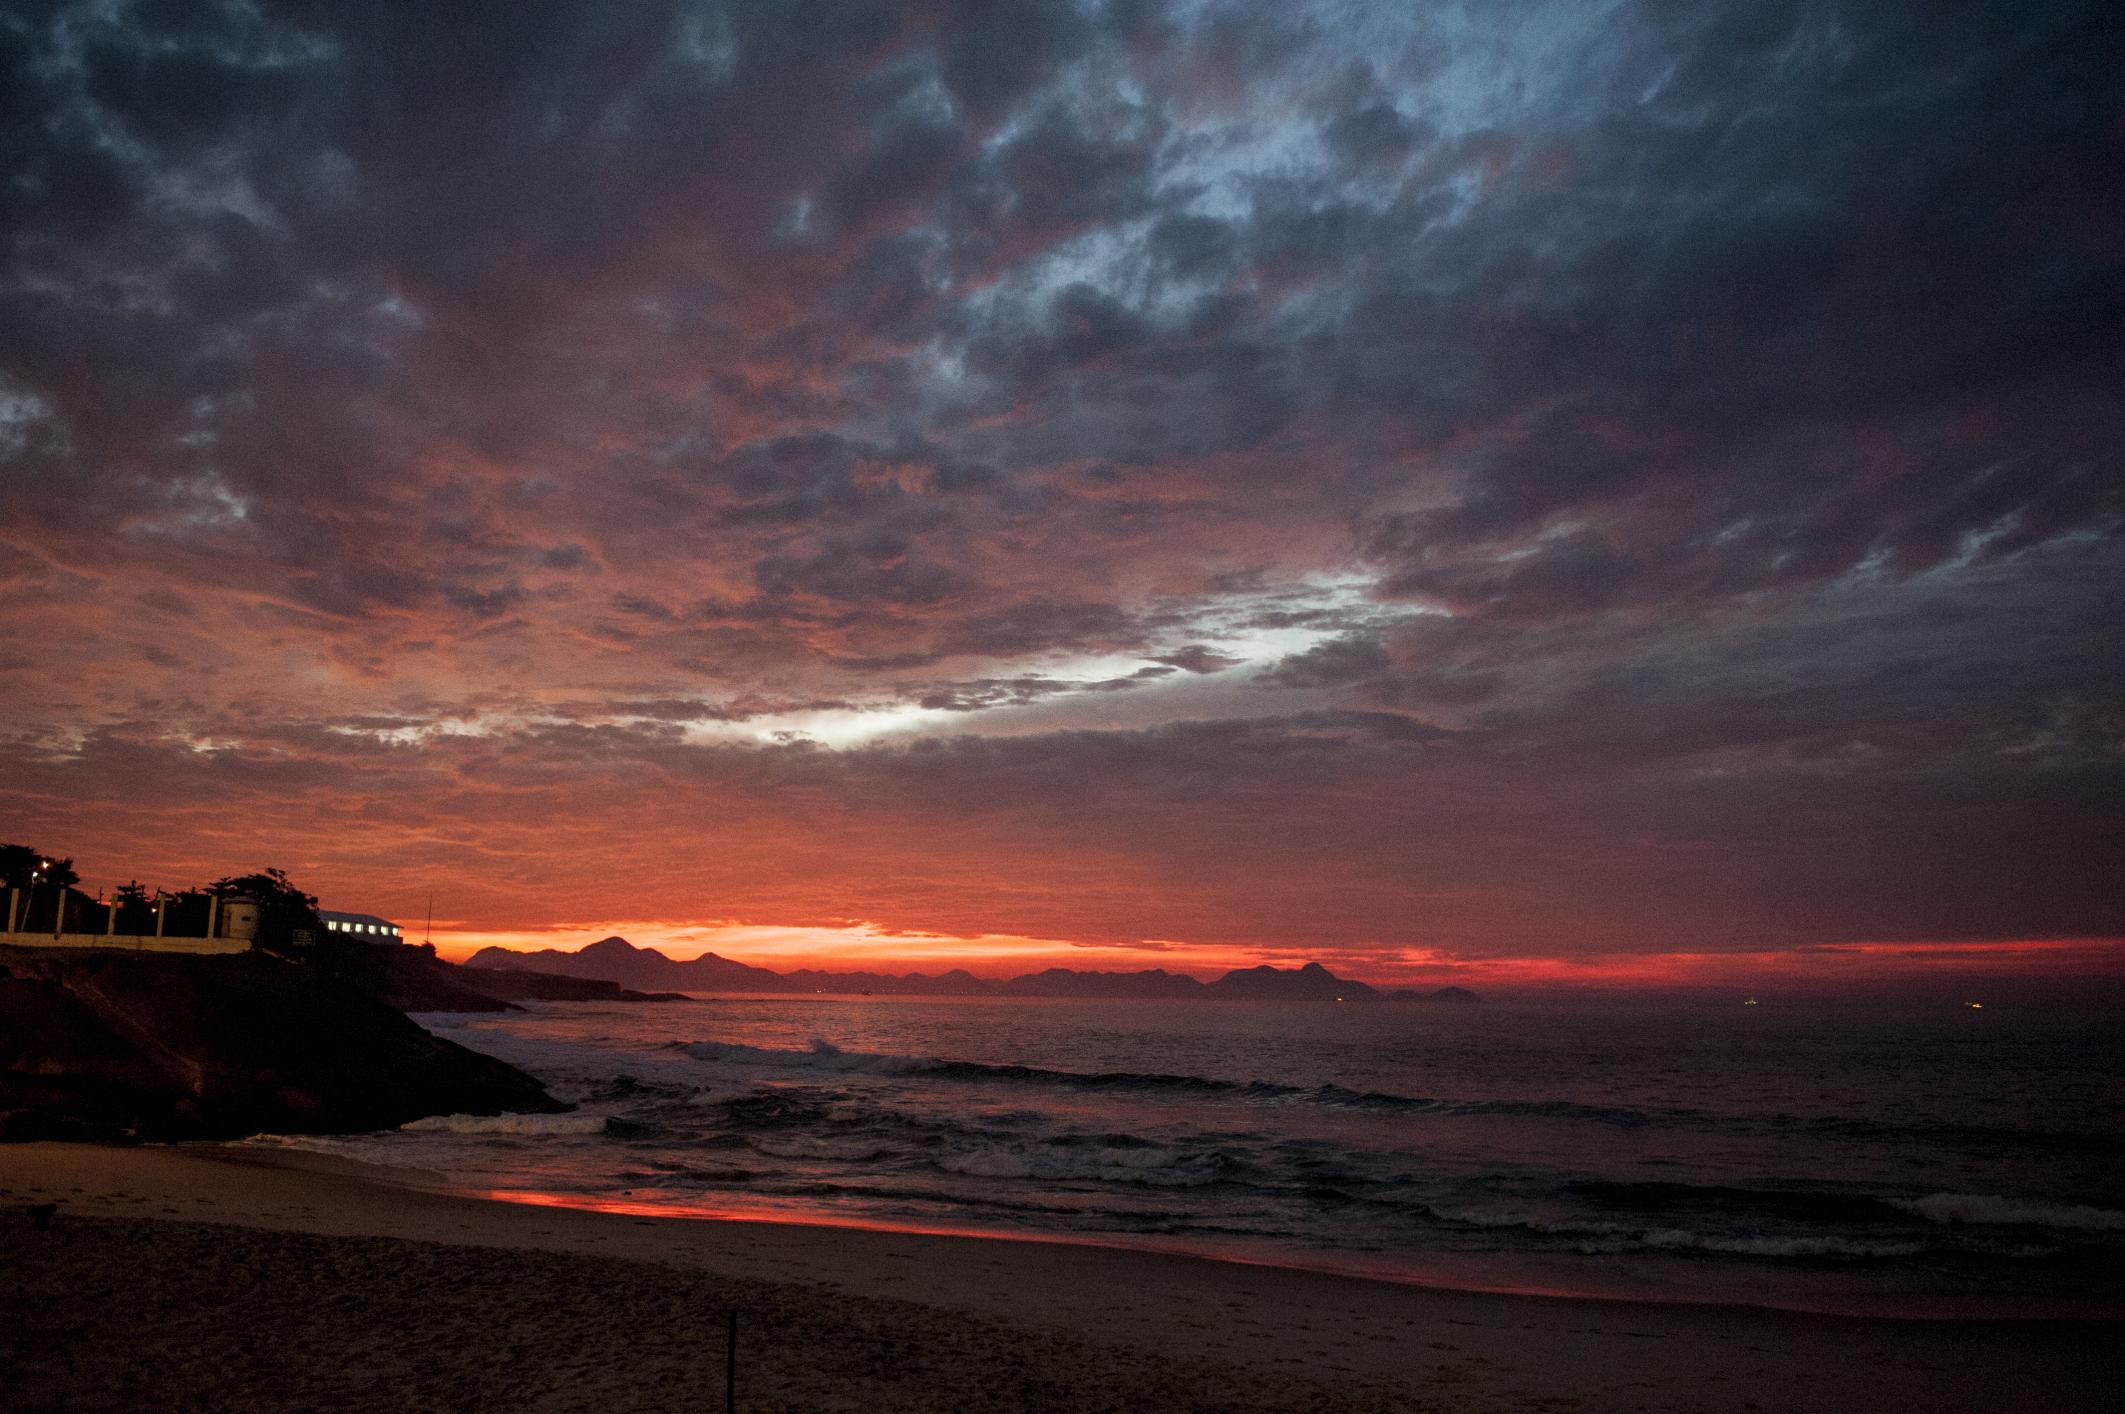 Kapverden-Reise mit Kindern - Sonnenuntergang - Meer - Strand - Urlaub - Familienreise - Kapverdische Inseln